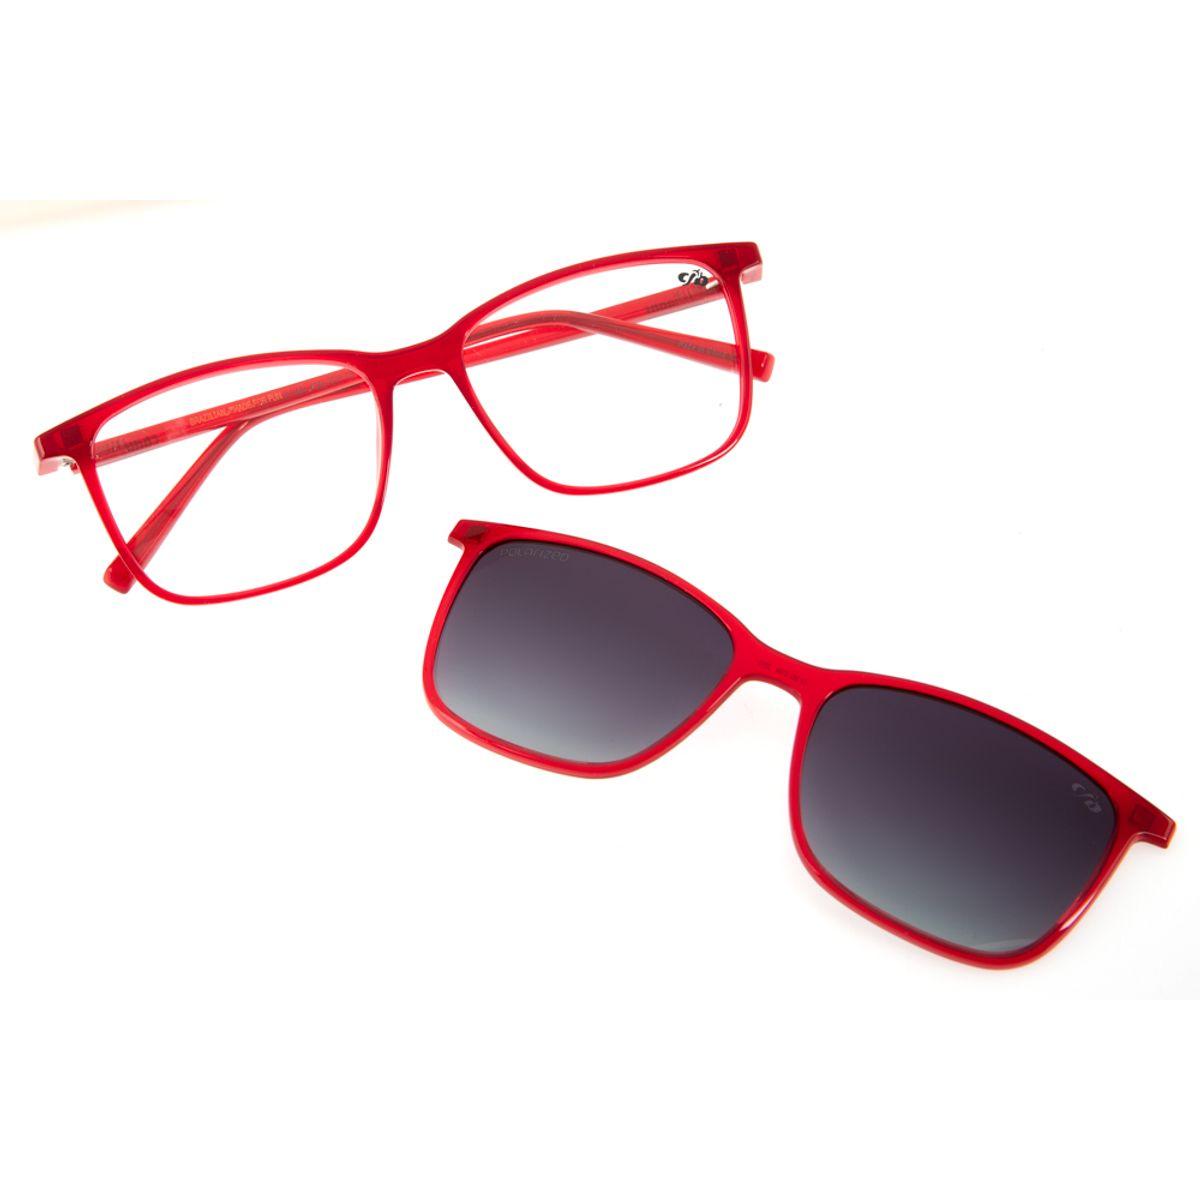 d07db60fc7341 Armação para Óculos de Grau Chilli Beans Feminino Multi 2 em 1 ...